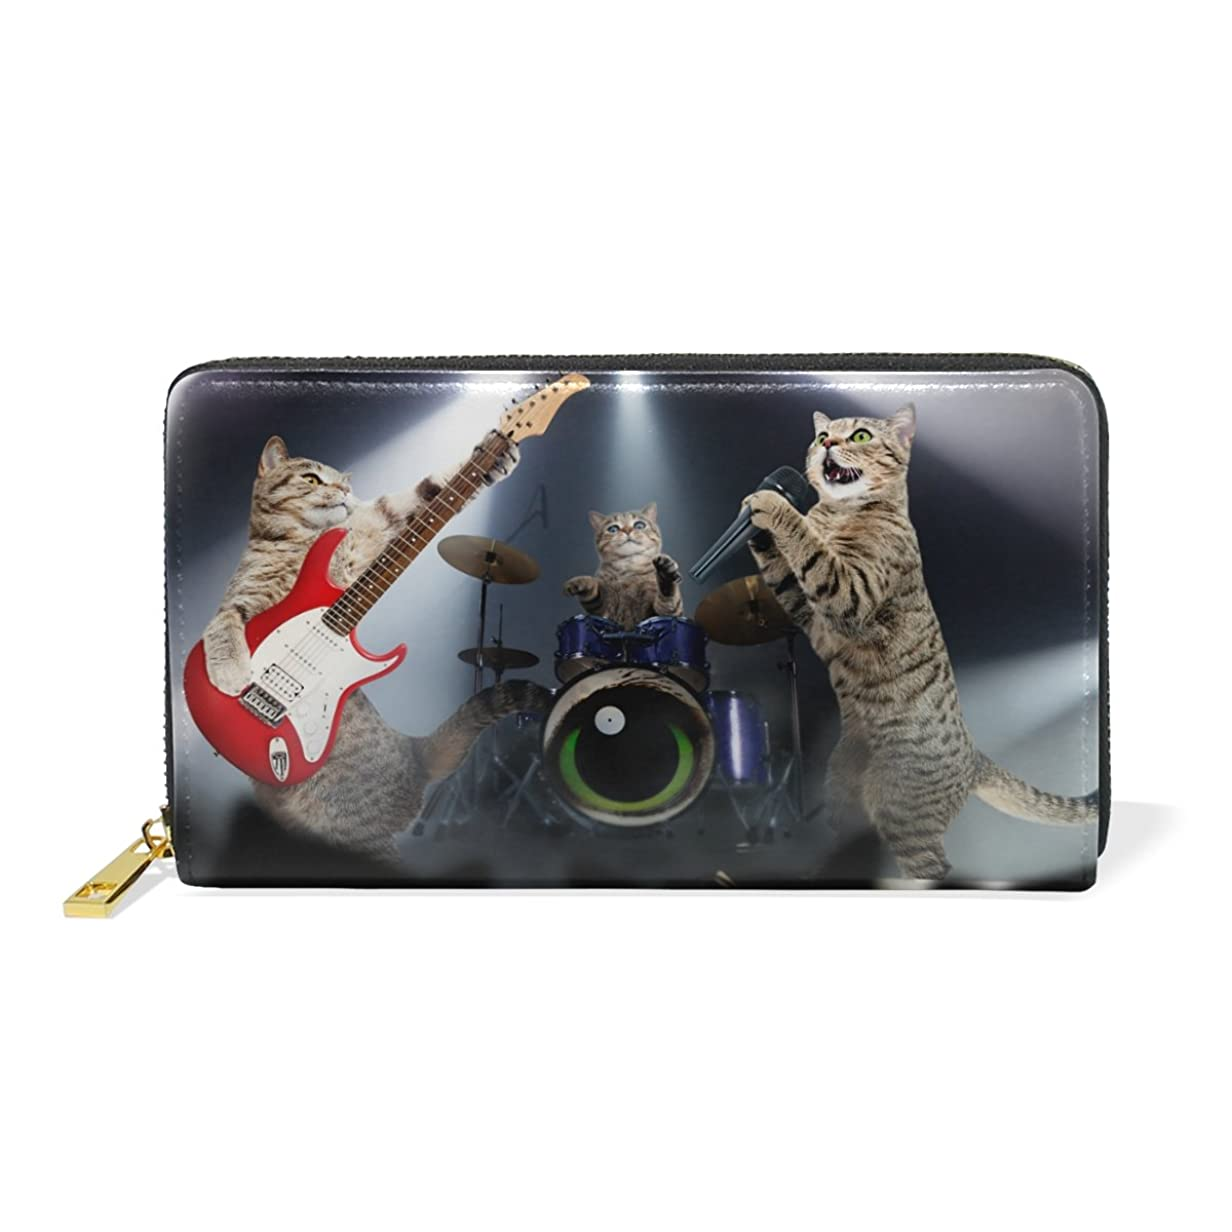 新聞余暇無心AOMOKI 長財布 ラウンドファスナー 財布 本革 大容量 通学 通勤 旅行 猫 コンサート